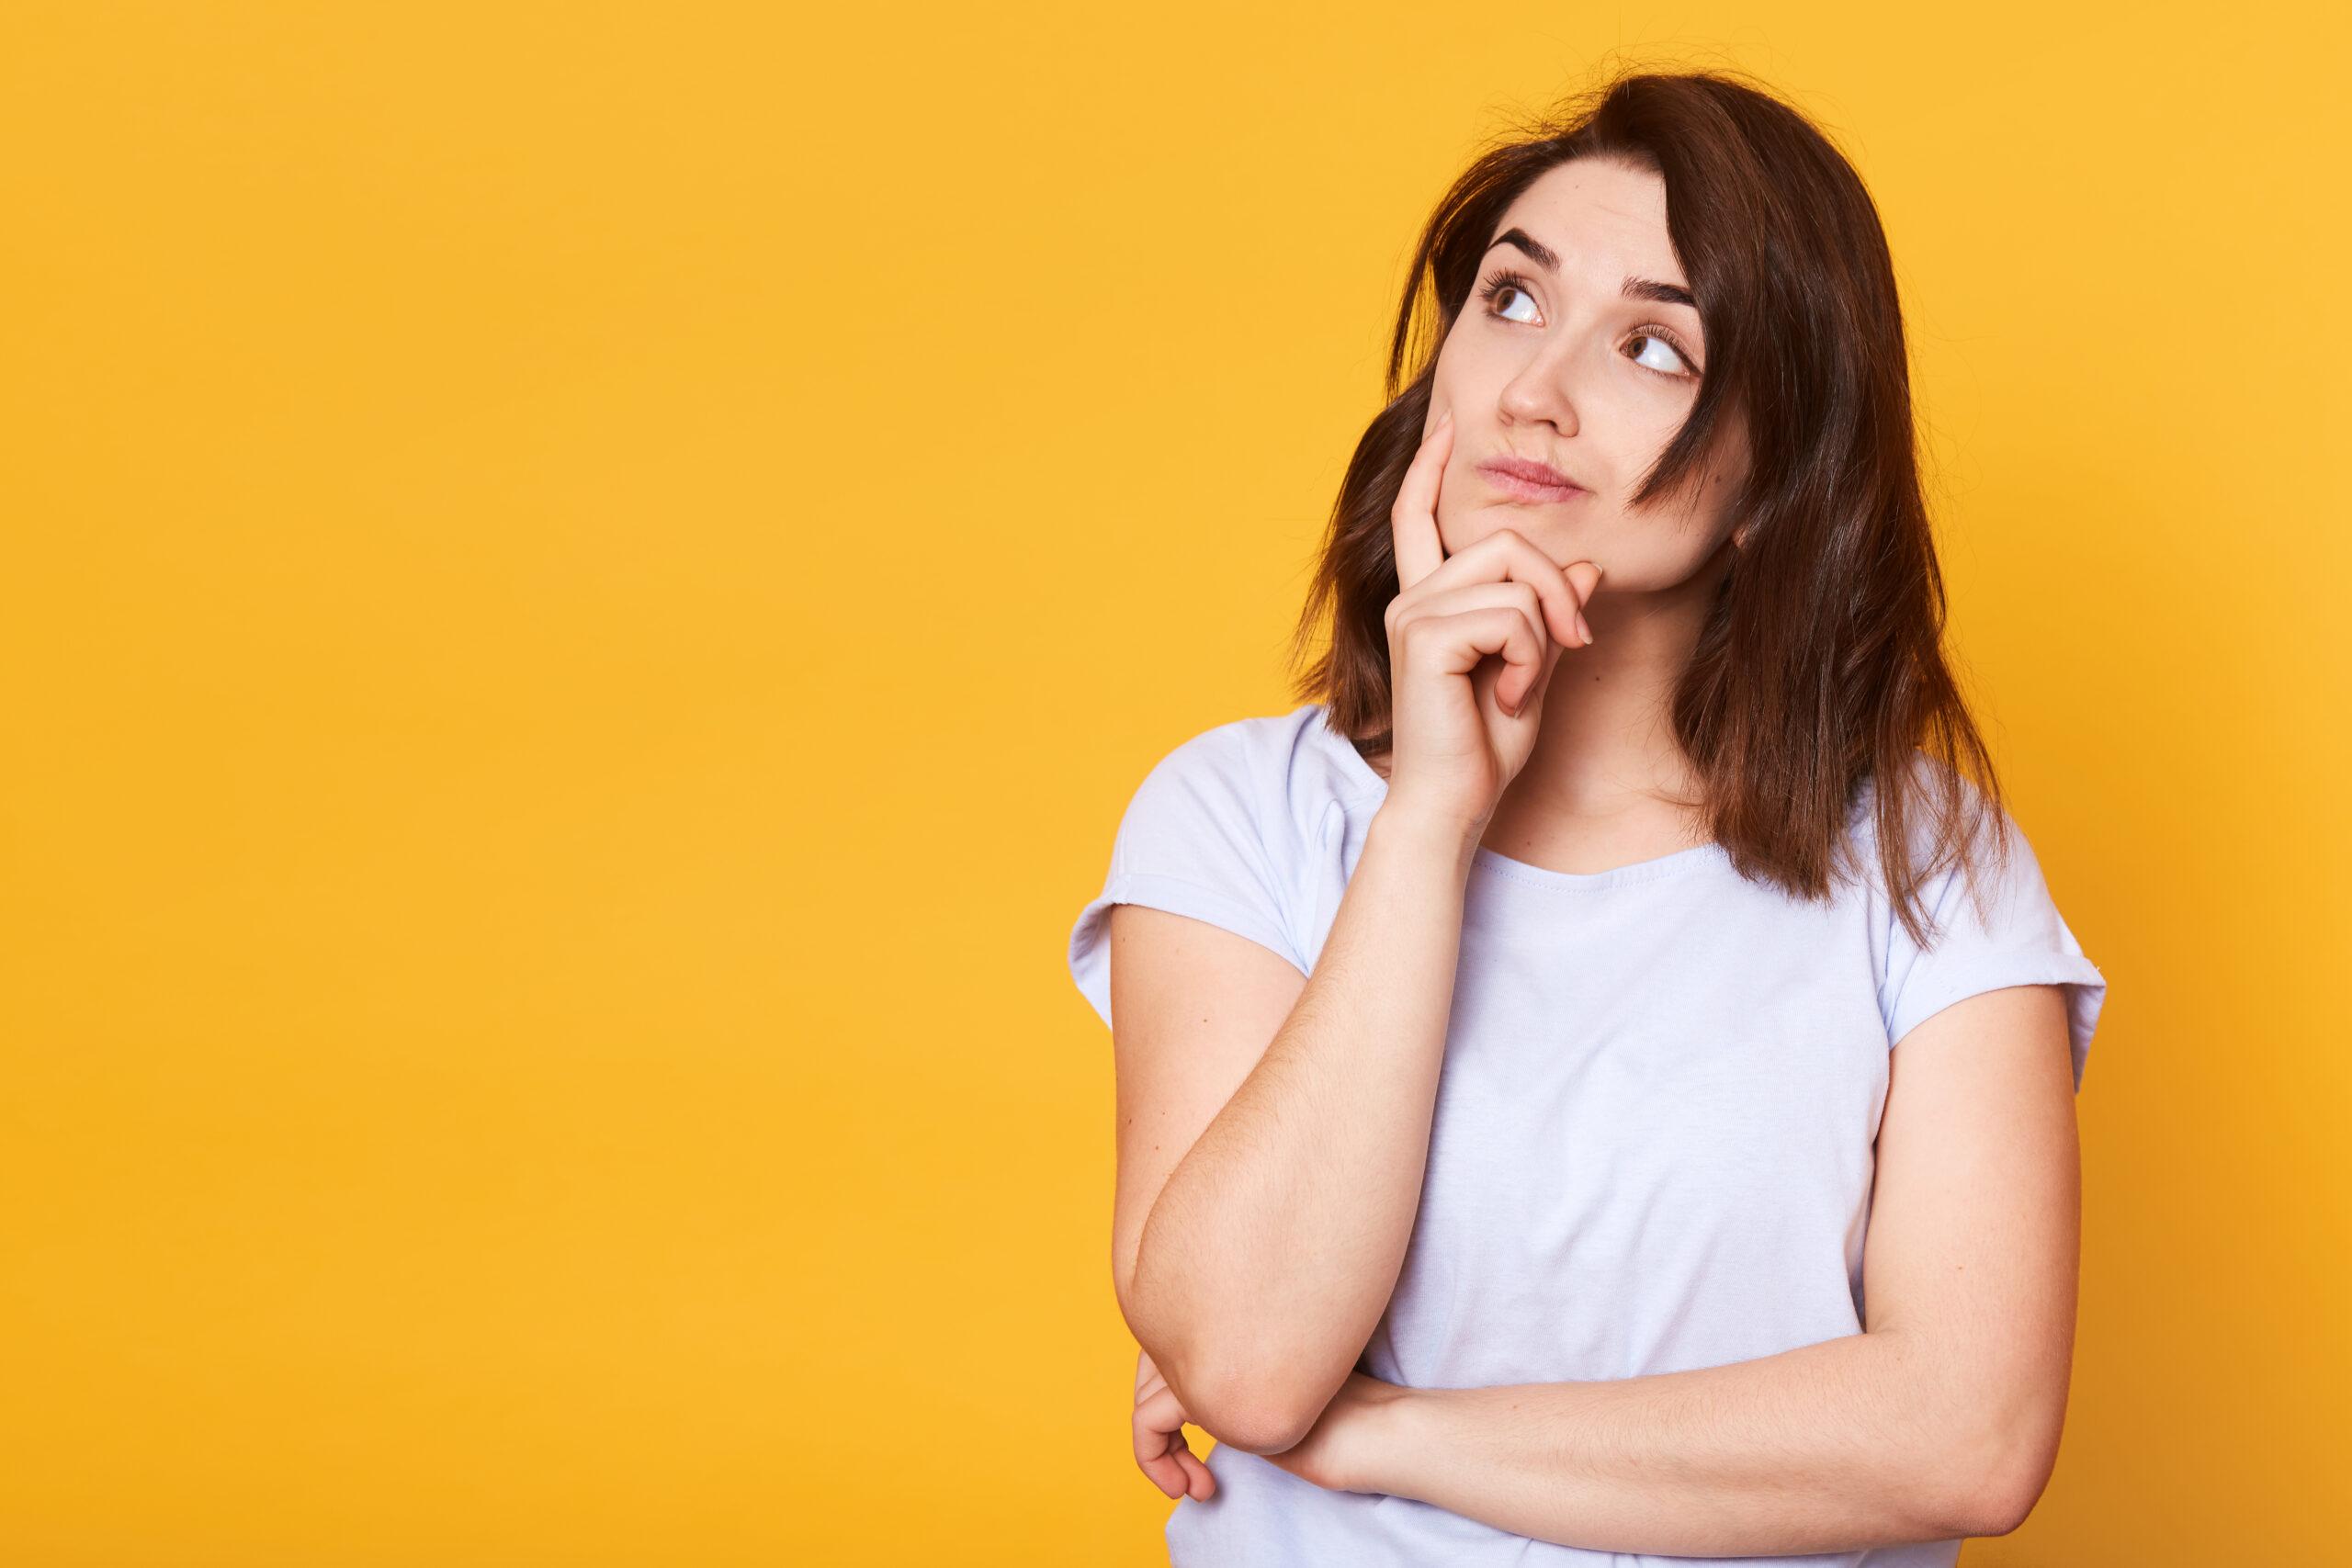 Neden Bazen Gereğinden Fazla Tepki Veriyoruz? Eski Travmatik Yaşantılarımız